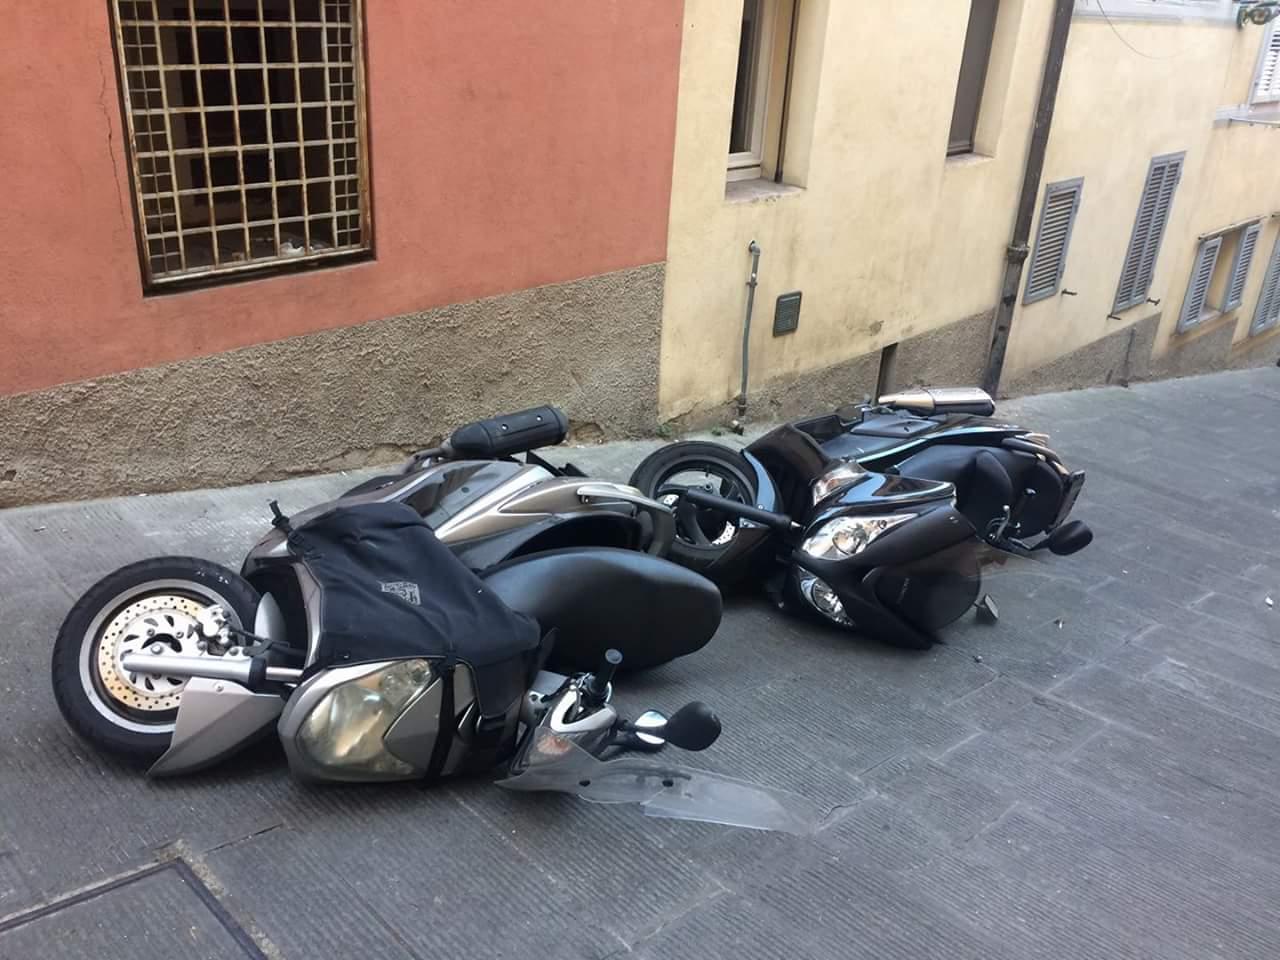 Strage di motorini nel centro storico